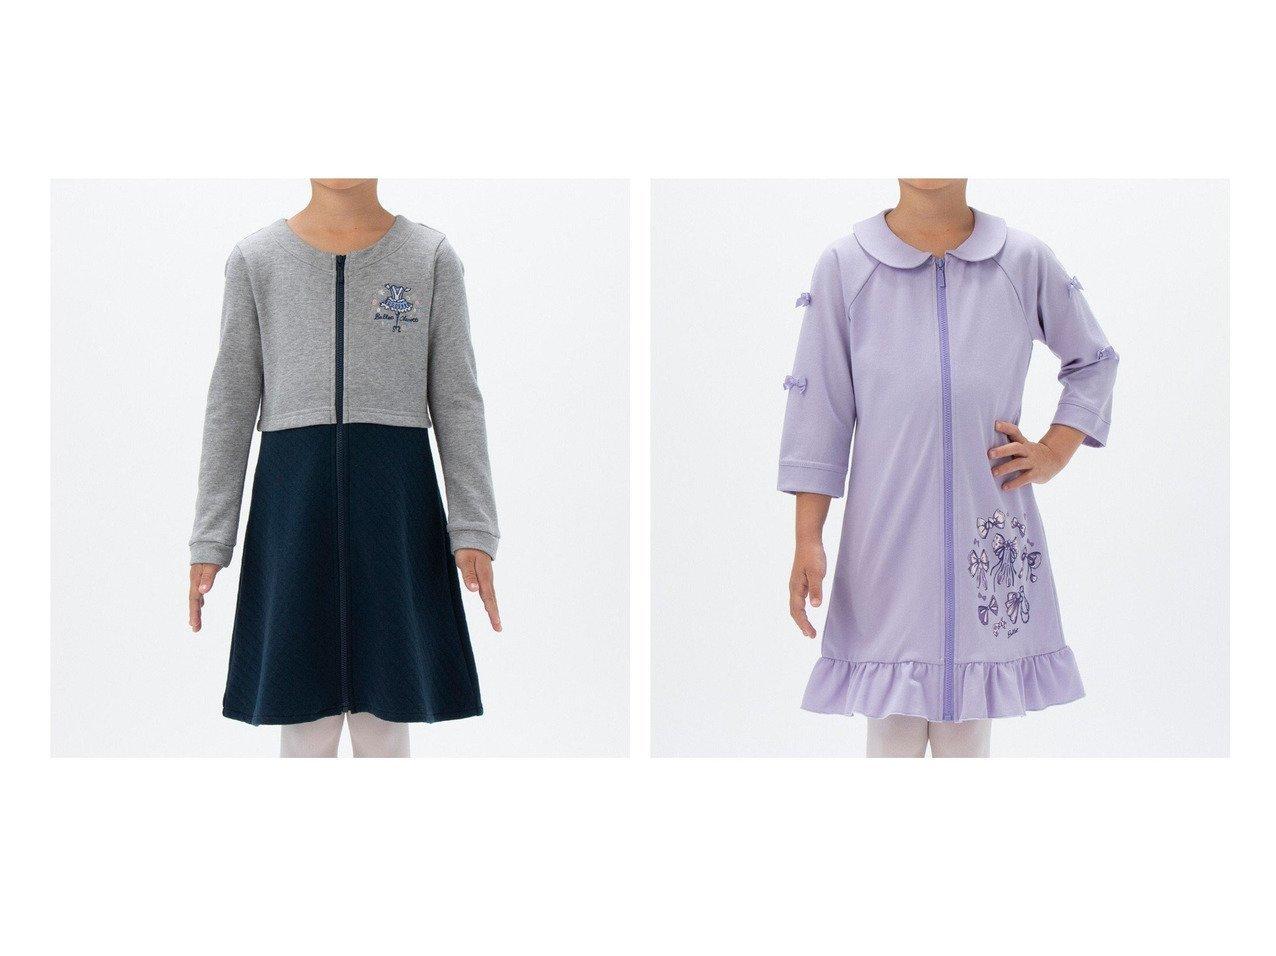 【Chacott / KIDS/チャコット】のジップアップワンピース&【再入荷】ジップアップワンピース 【KIDS】子供服のおすすめ!人気トレンド・キッズファッションの通販 おすすめで人気の流行・トレンド、ファッションの通販商品 インテリア・家具・メンズファッション・キッズファッション・レディースファッション・服の通販 founy(ファニー) https://founy.com/ ファッション Fashion キッズファッション KIDS ワンピース Dress/Kids トップス・カットソー Tops/Tees/Kids アンサンブル キルト モチーフ フリル プリント ラベンダー リボン 再入荷 Restock/Back in Stock/Re Arrival  ID:crp329100000044567